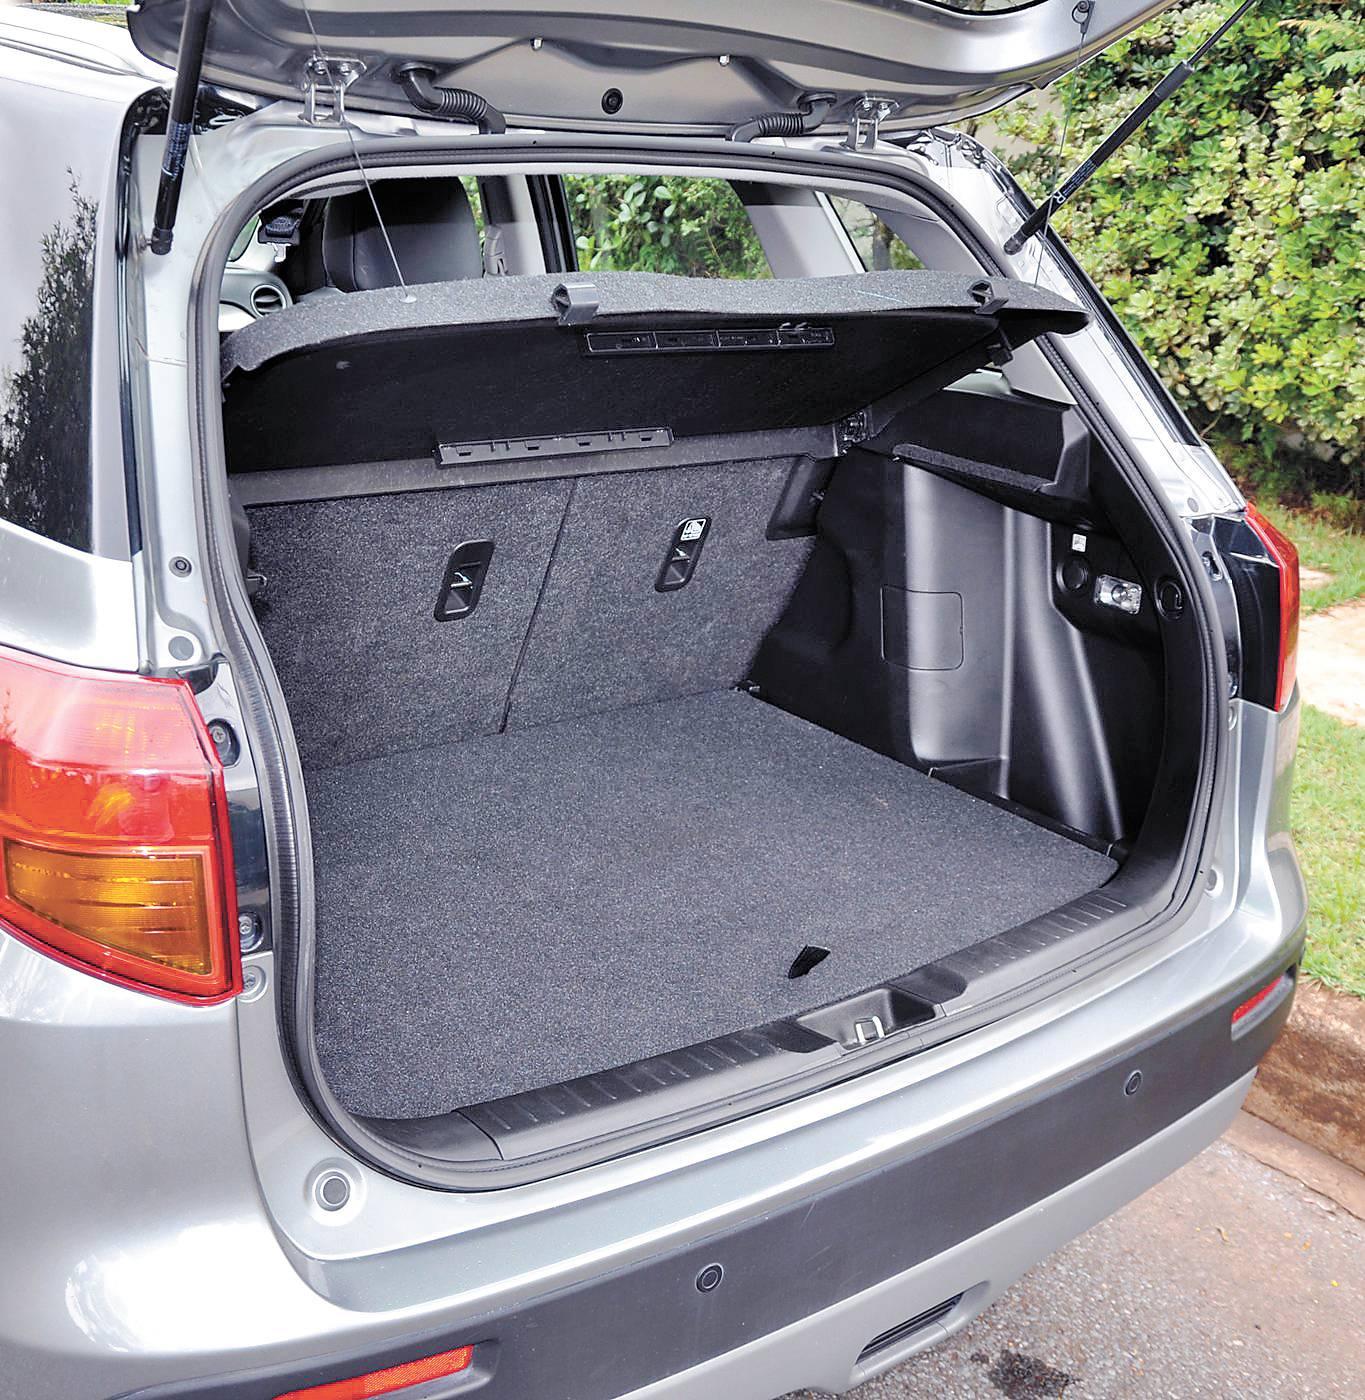 Porta-malas tem capacidade para até 1.120 litros com os assentos rebatidos | Sérgio Melo/ Autopapo